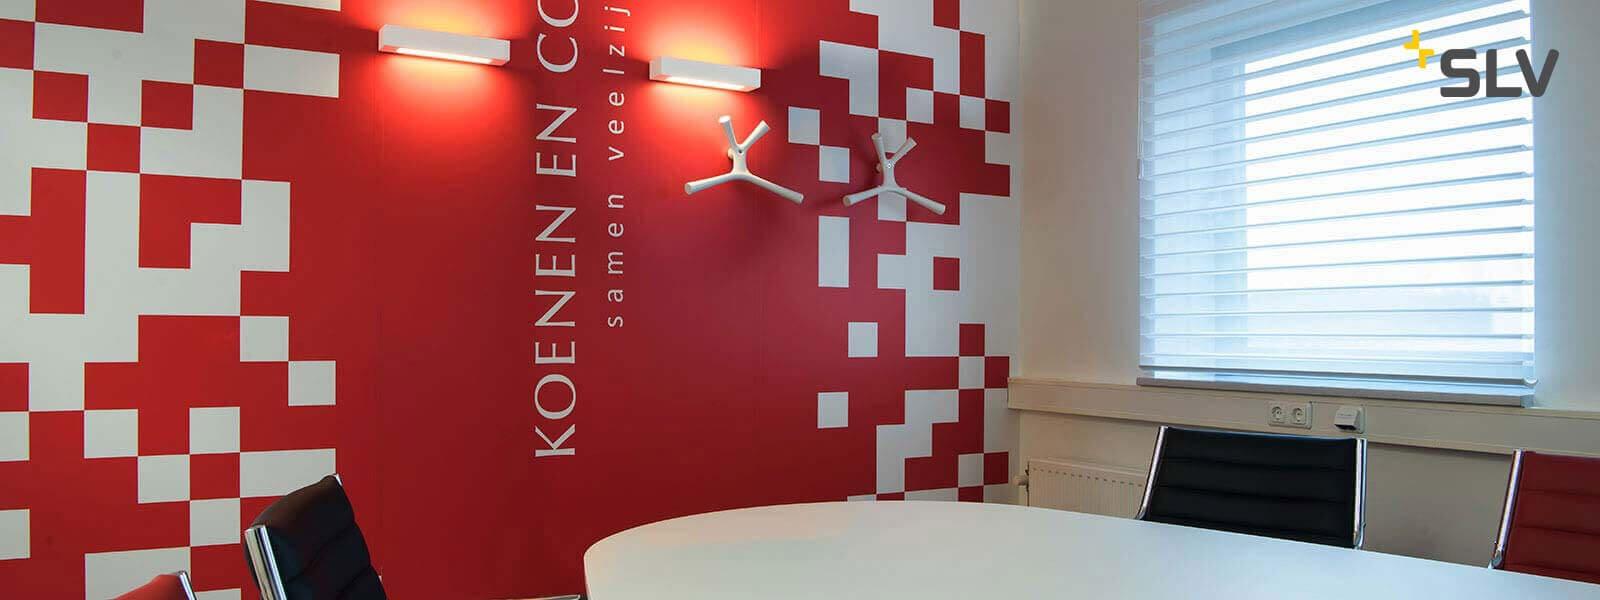 Koenen en Co, Venlo